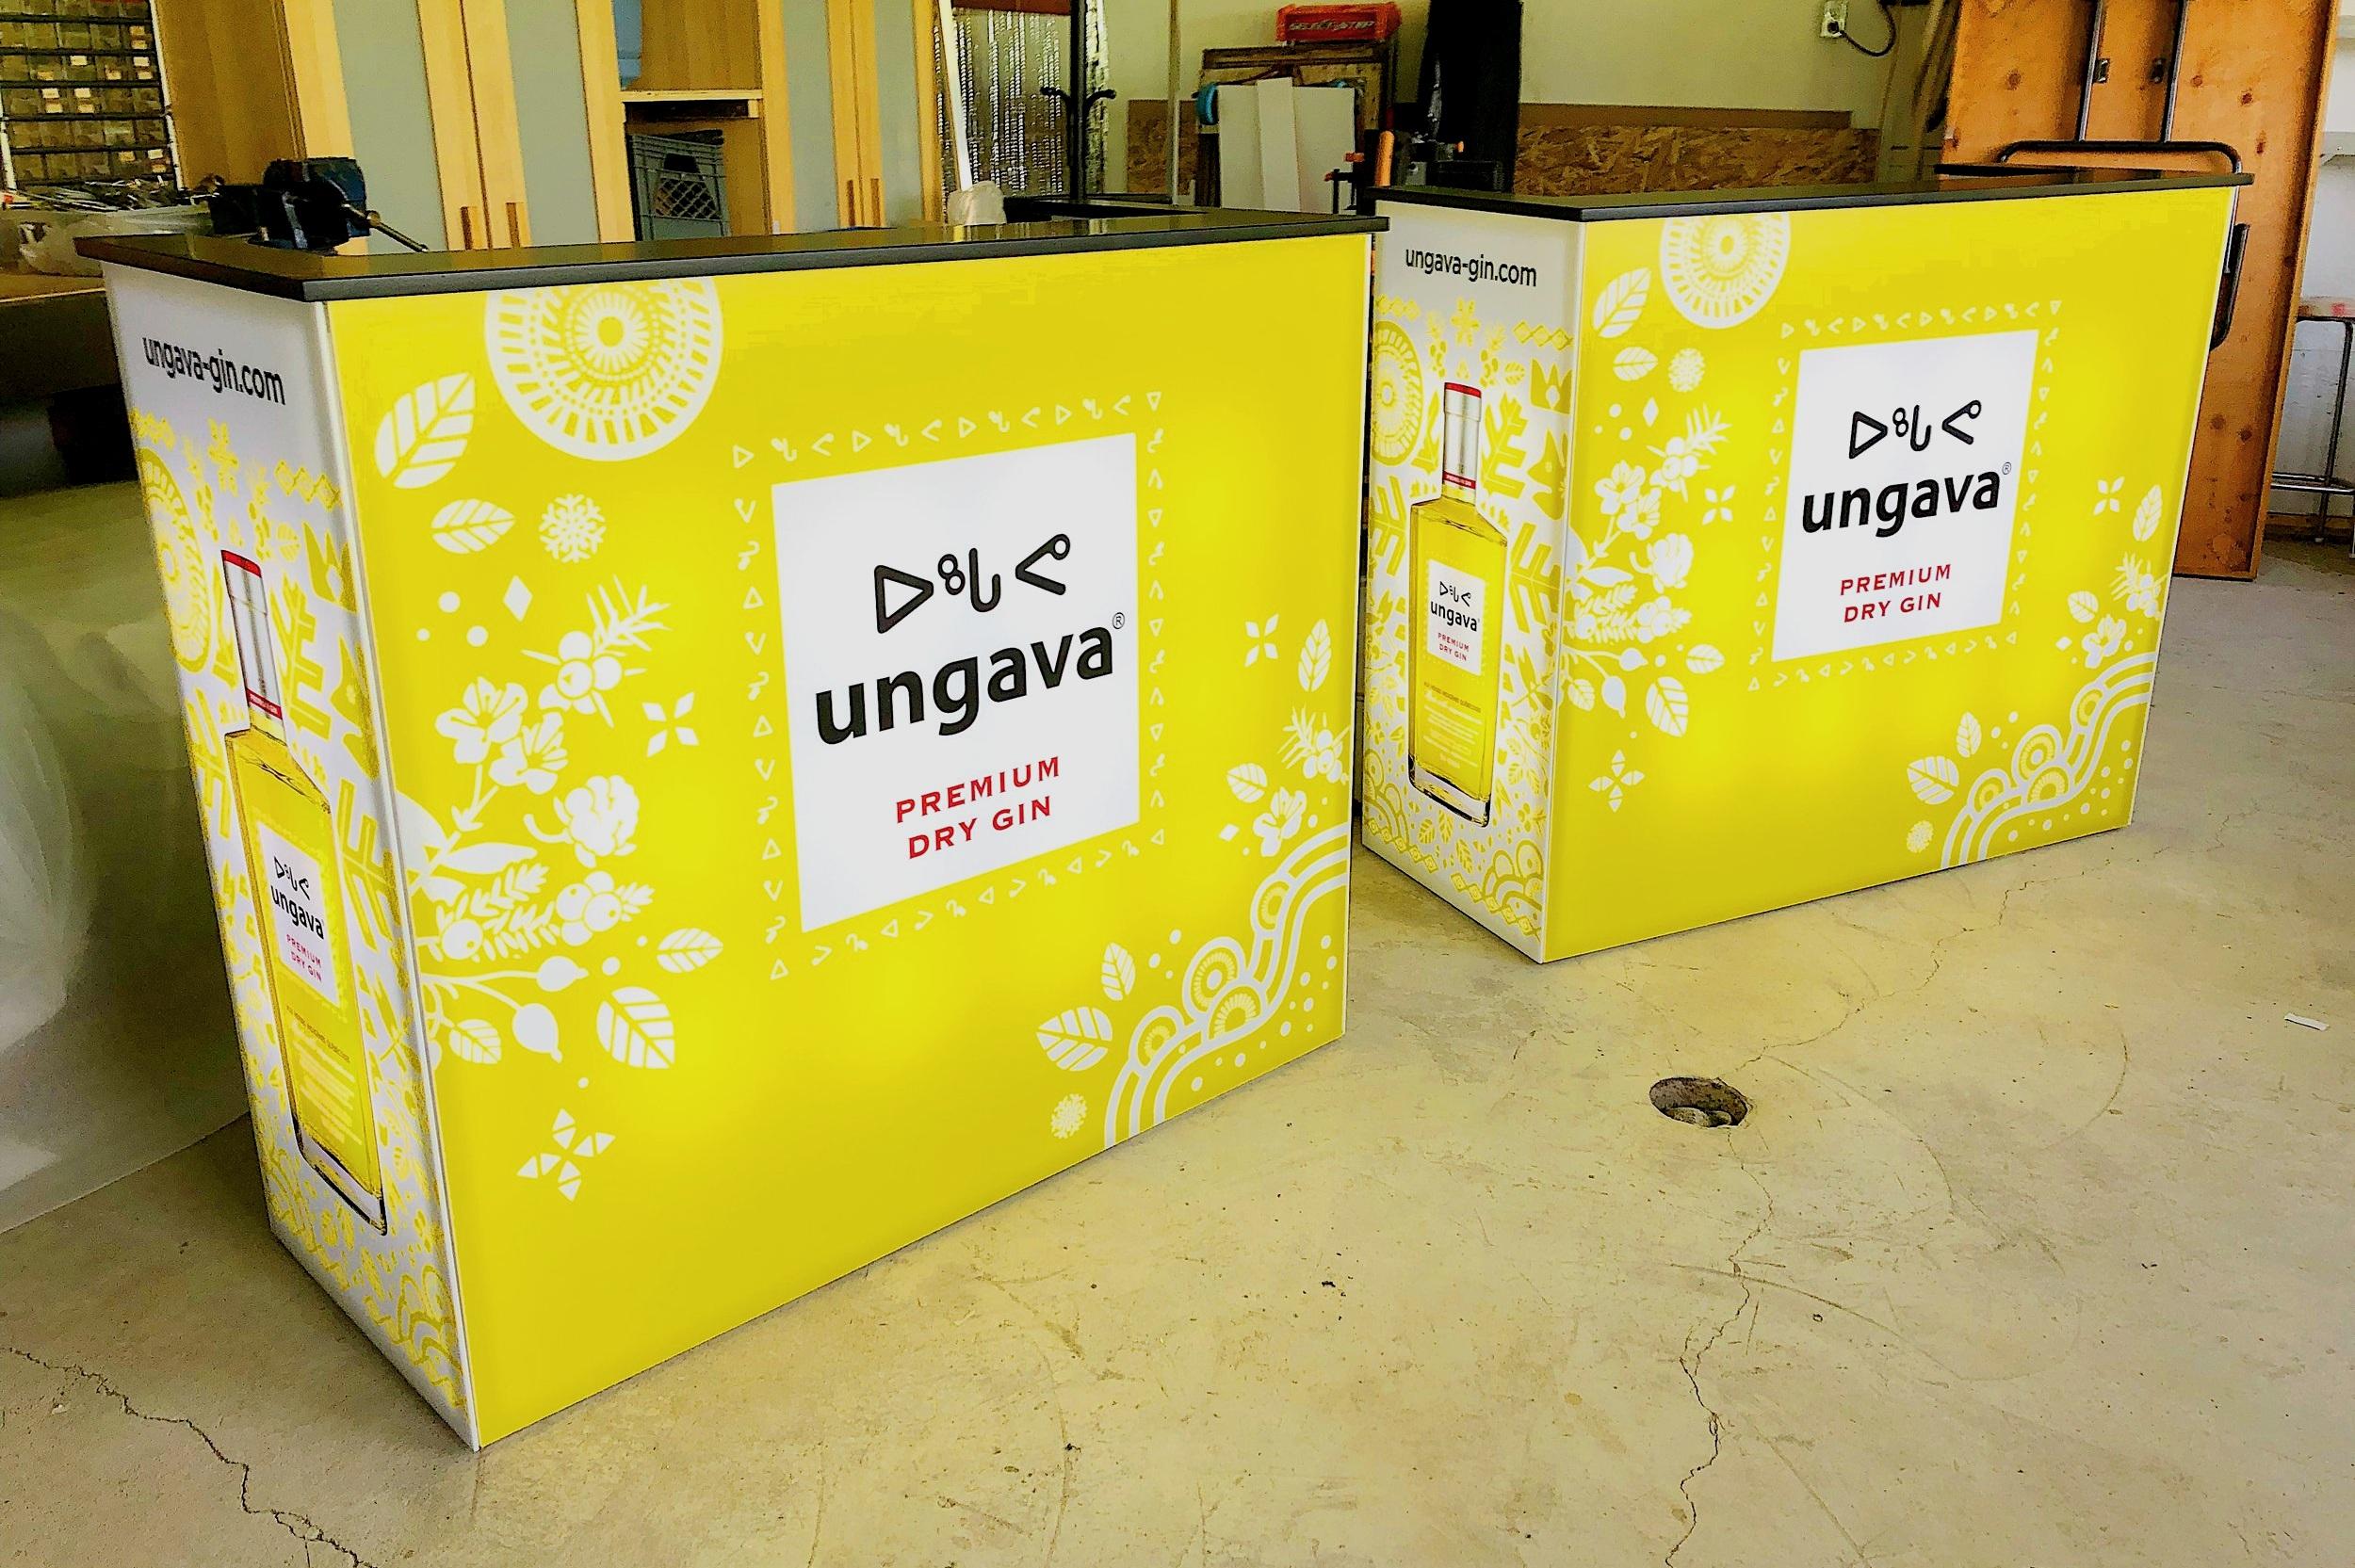 Comptoir de service - UNGAVA